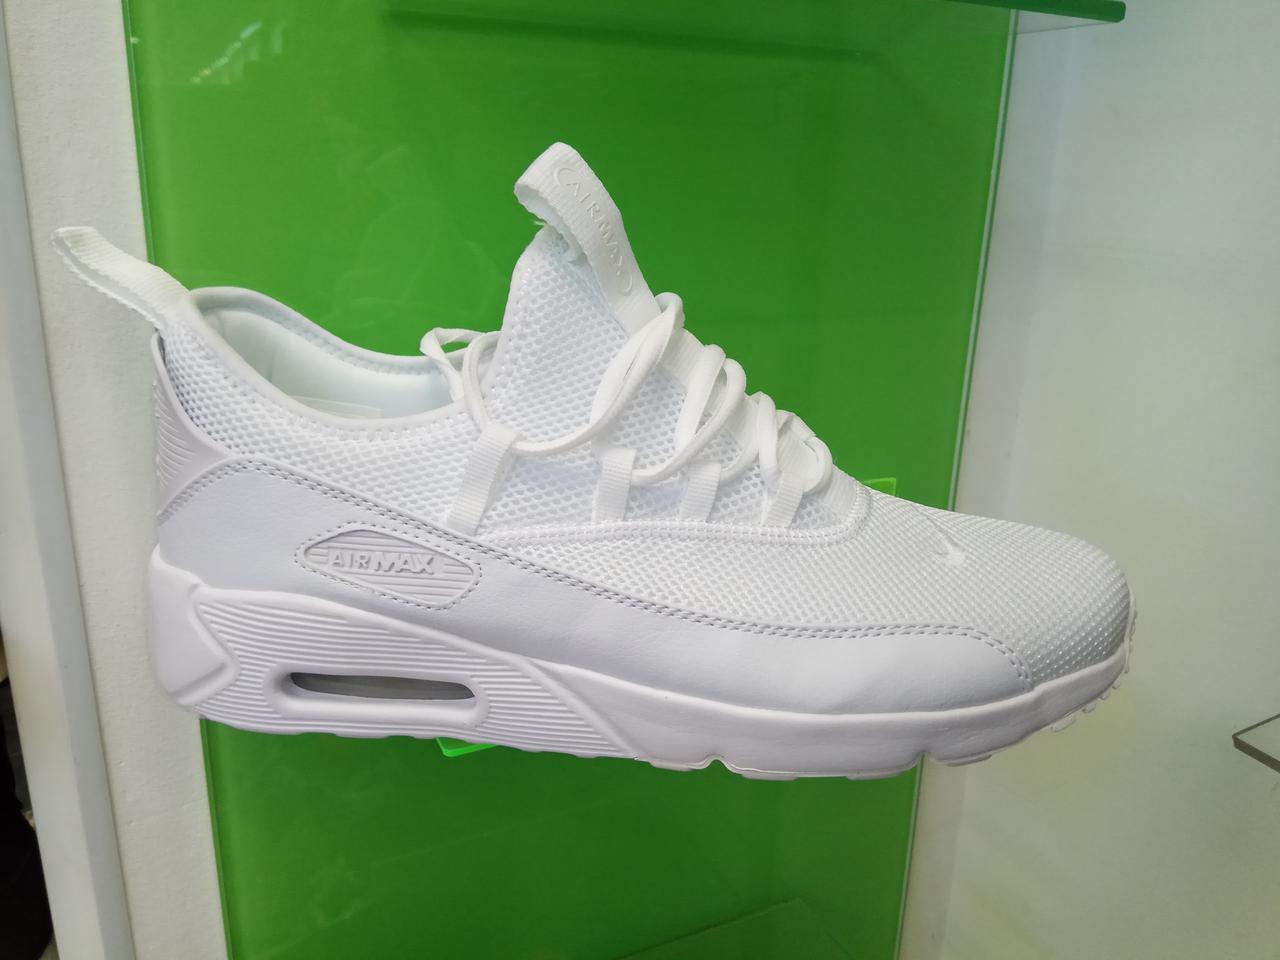 afe50db77f6143 Мужские кроссовки Nike Air Max 90 EZ White - Интернет магазин  krossovkiweb.kiev.ua